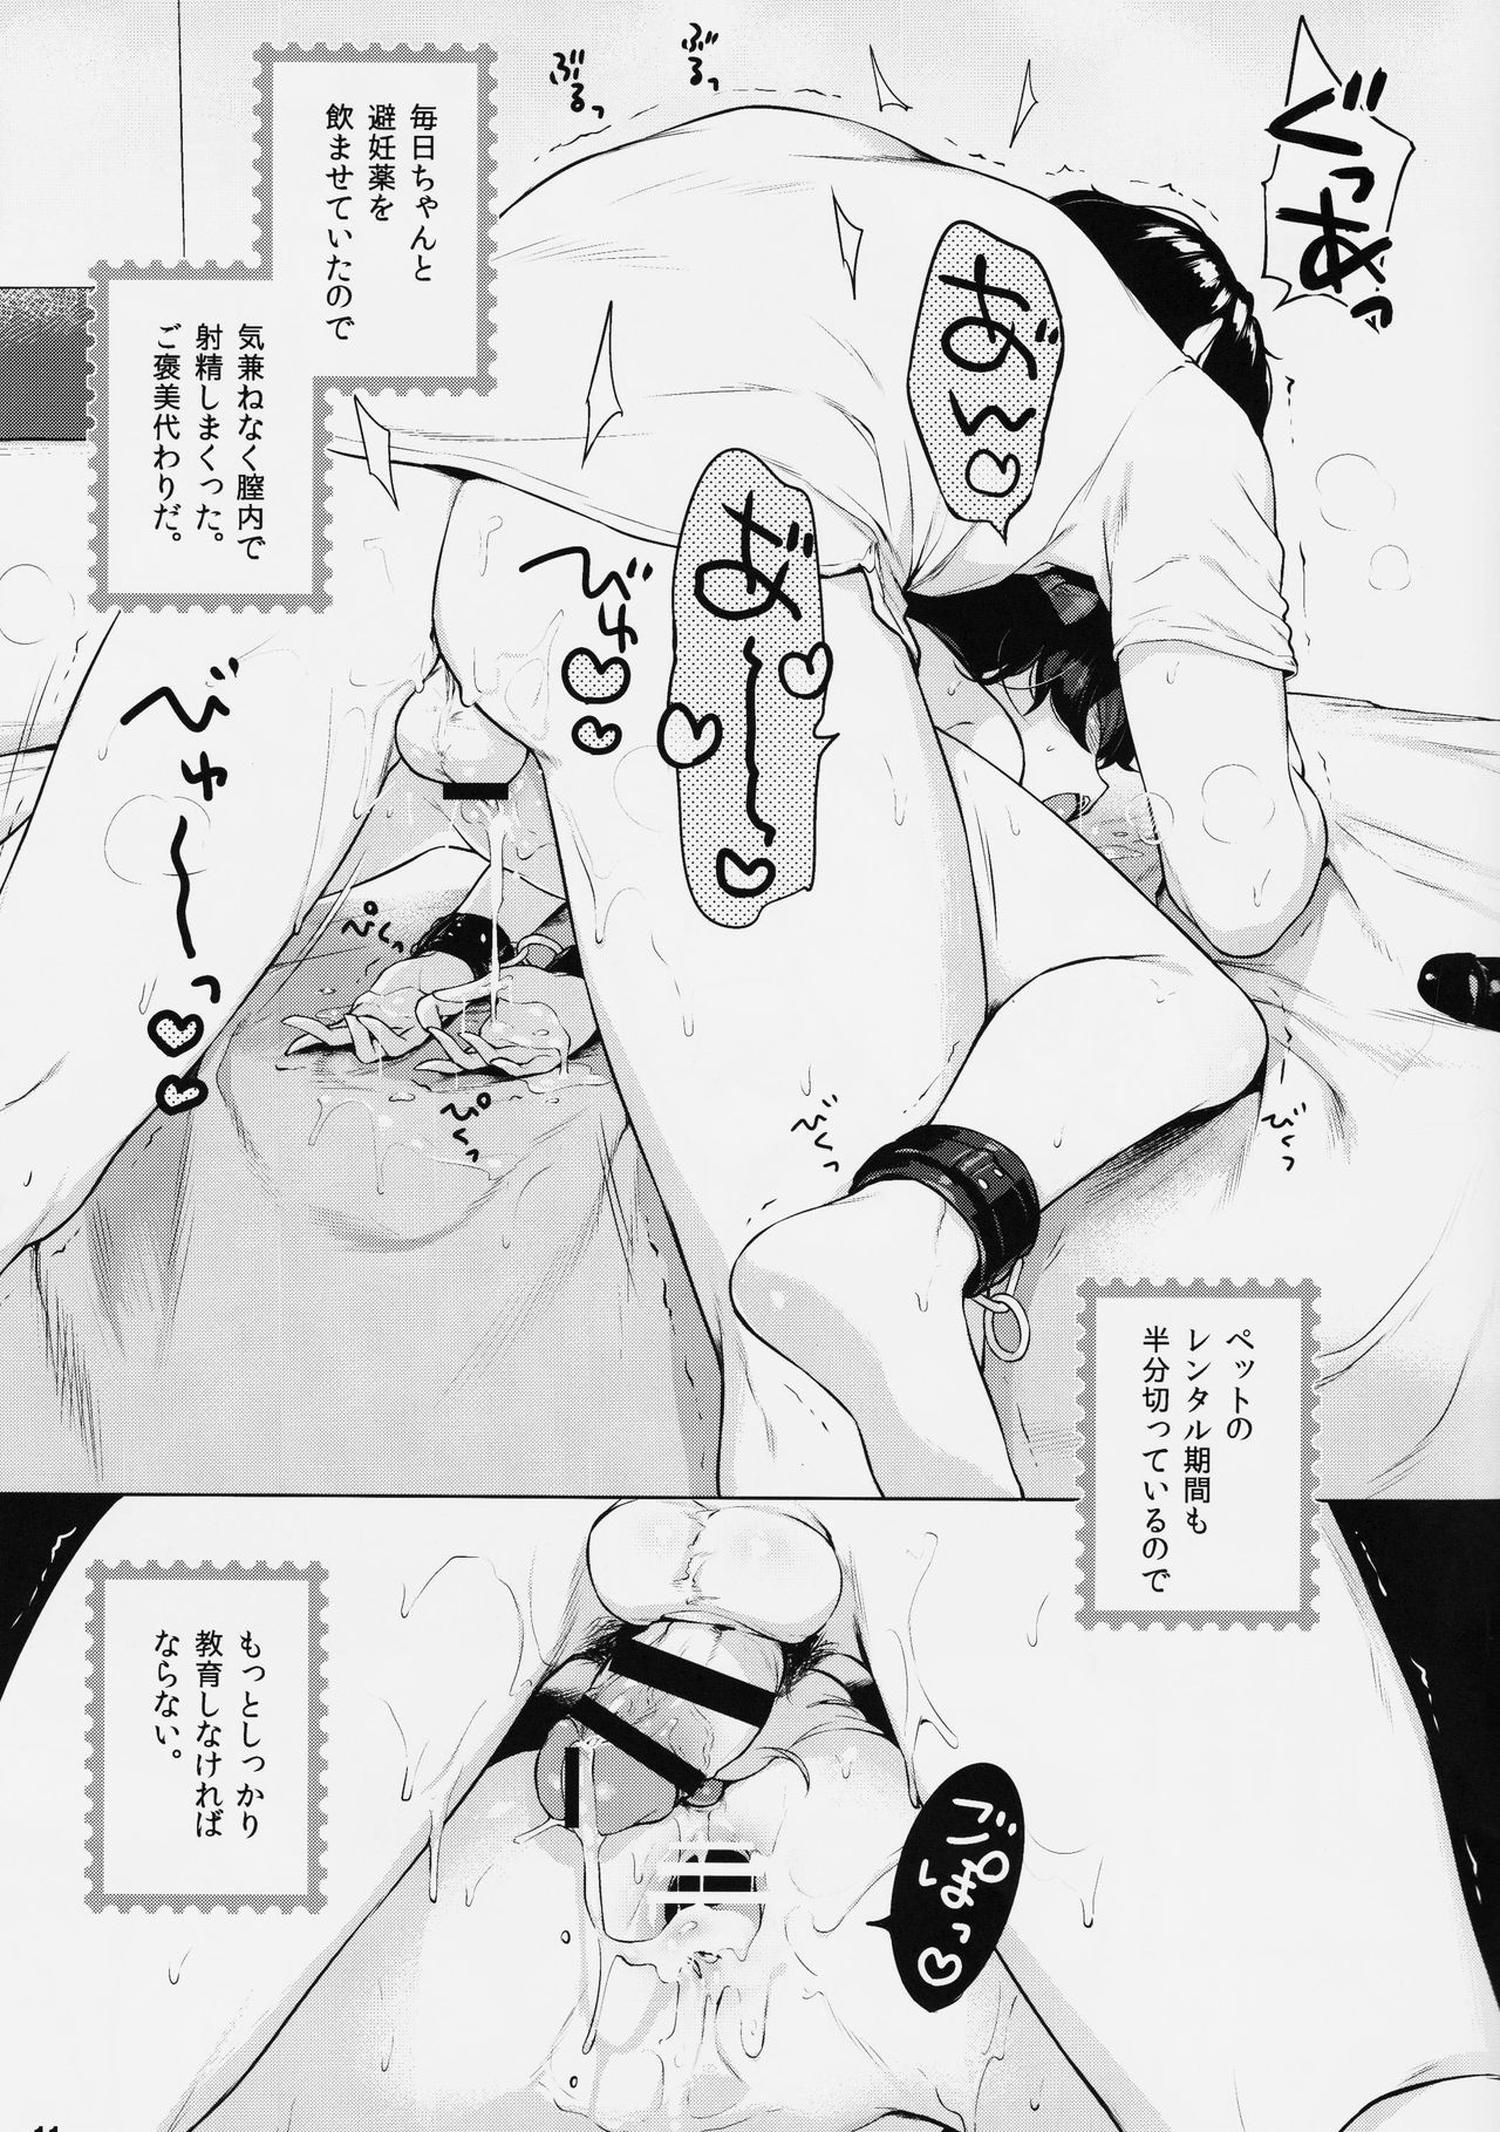 【エロ漫画・エロ同人】一人暮らしが寂しいのでペットでも飼おうかとあいつに相談したら幼女を預かることに。かばんの中には避妊薬とアダルトグッズの山・・・ (10)